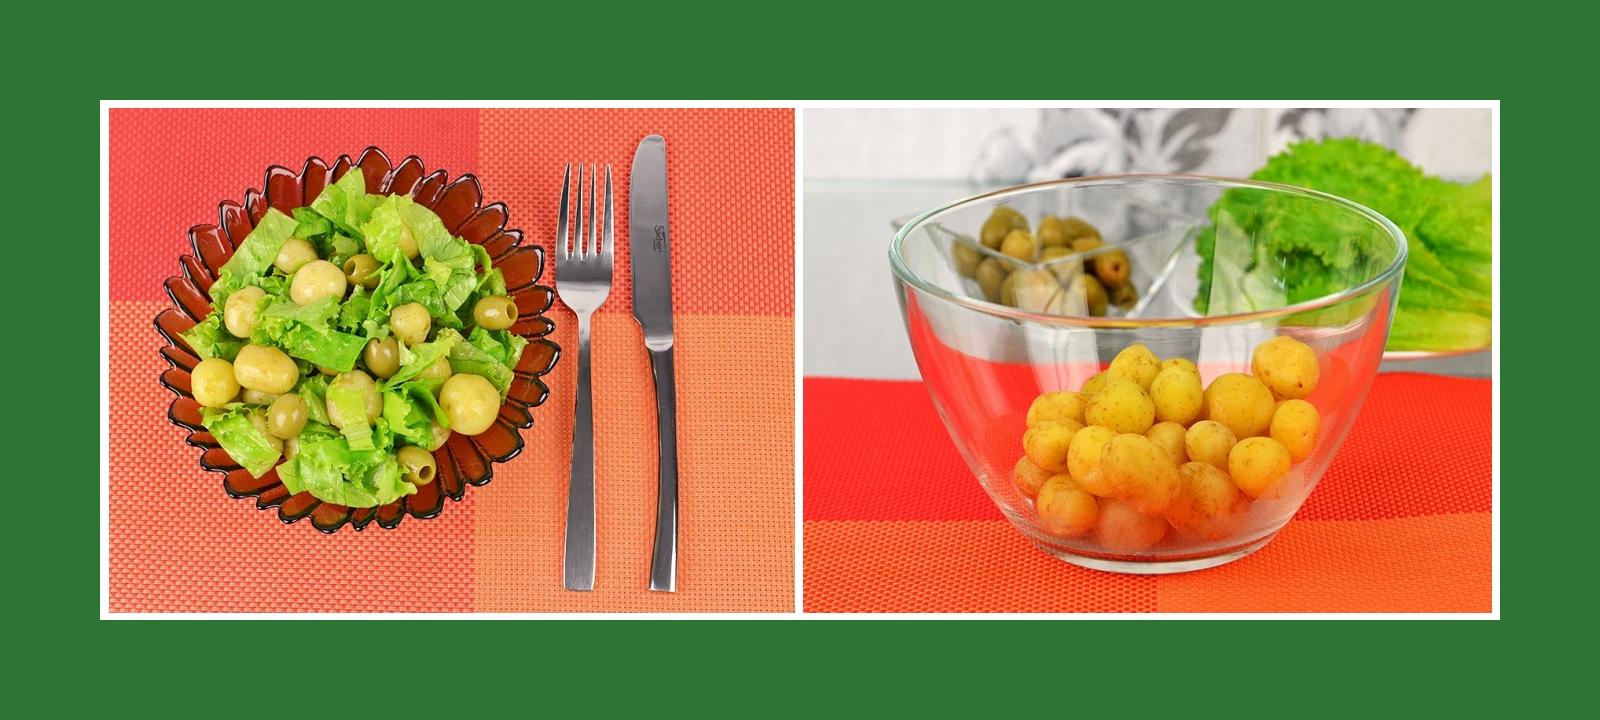 Frühkartoffeln gekocht für Salat mit Oliven